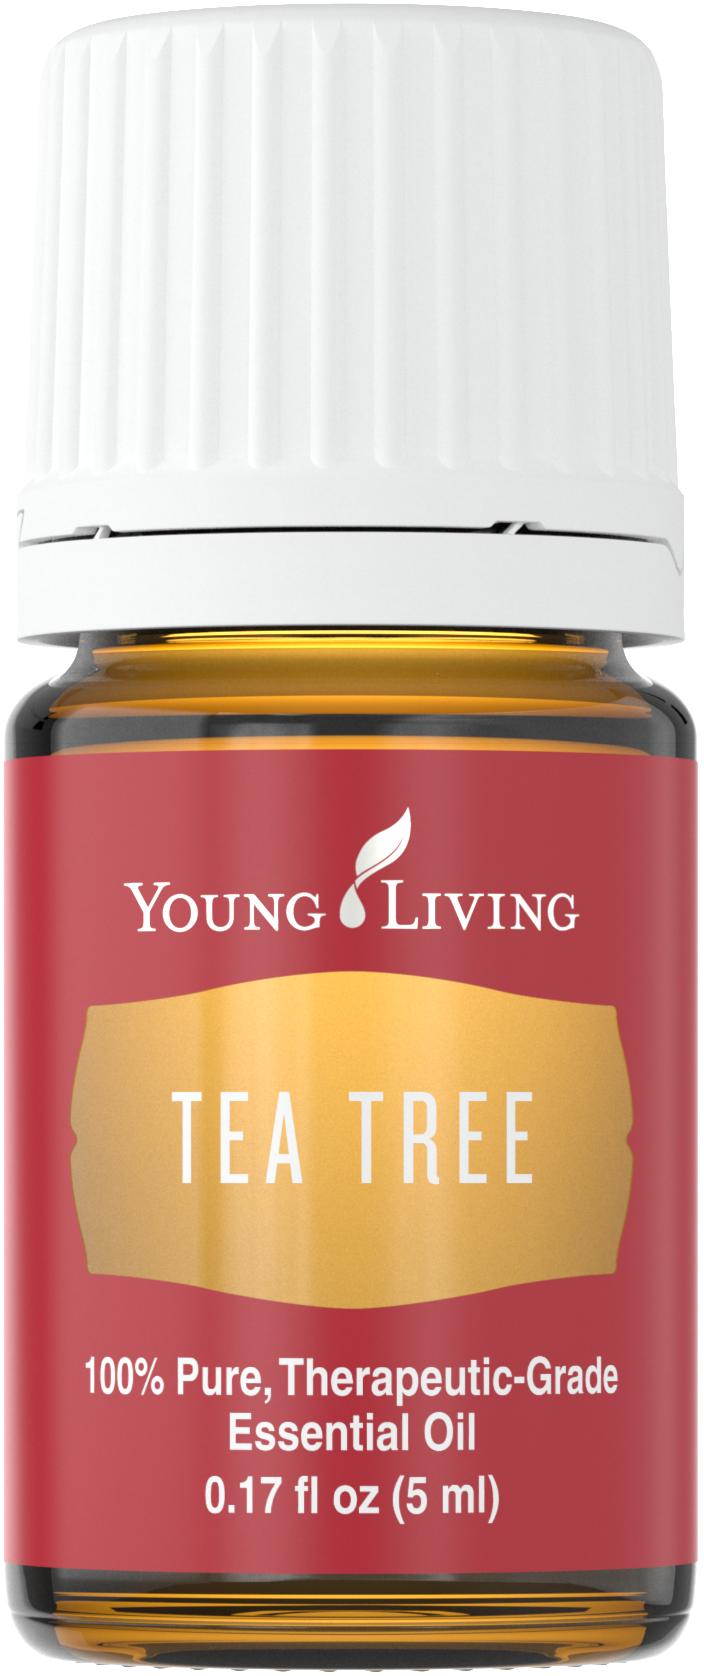 Tea Tree 5ml